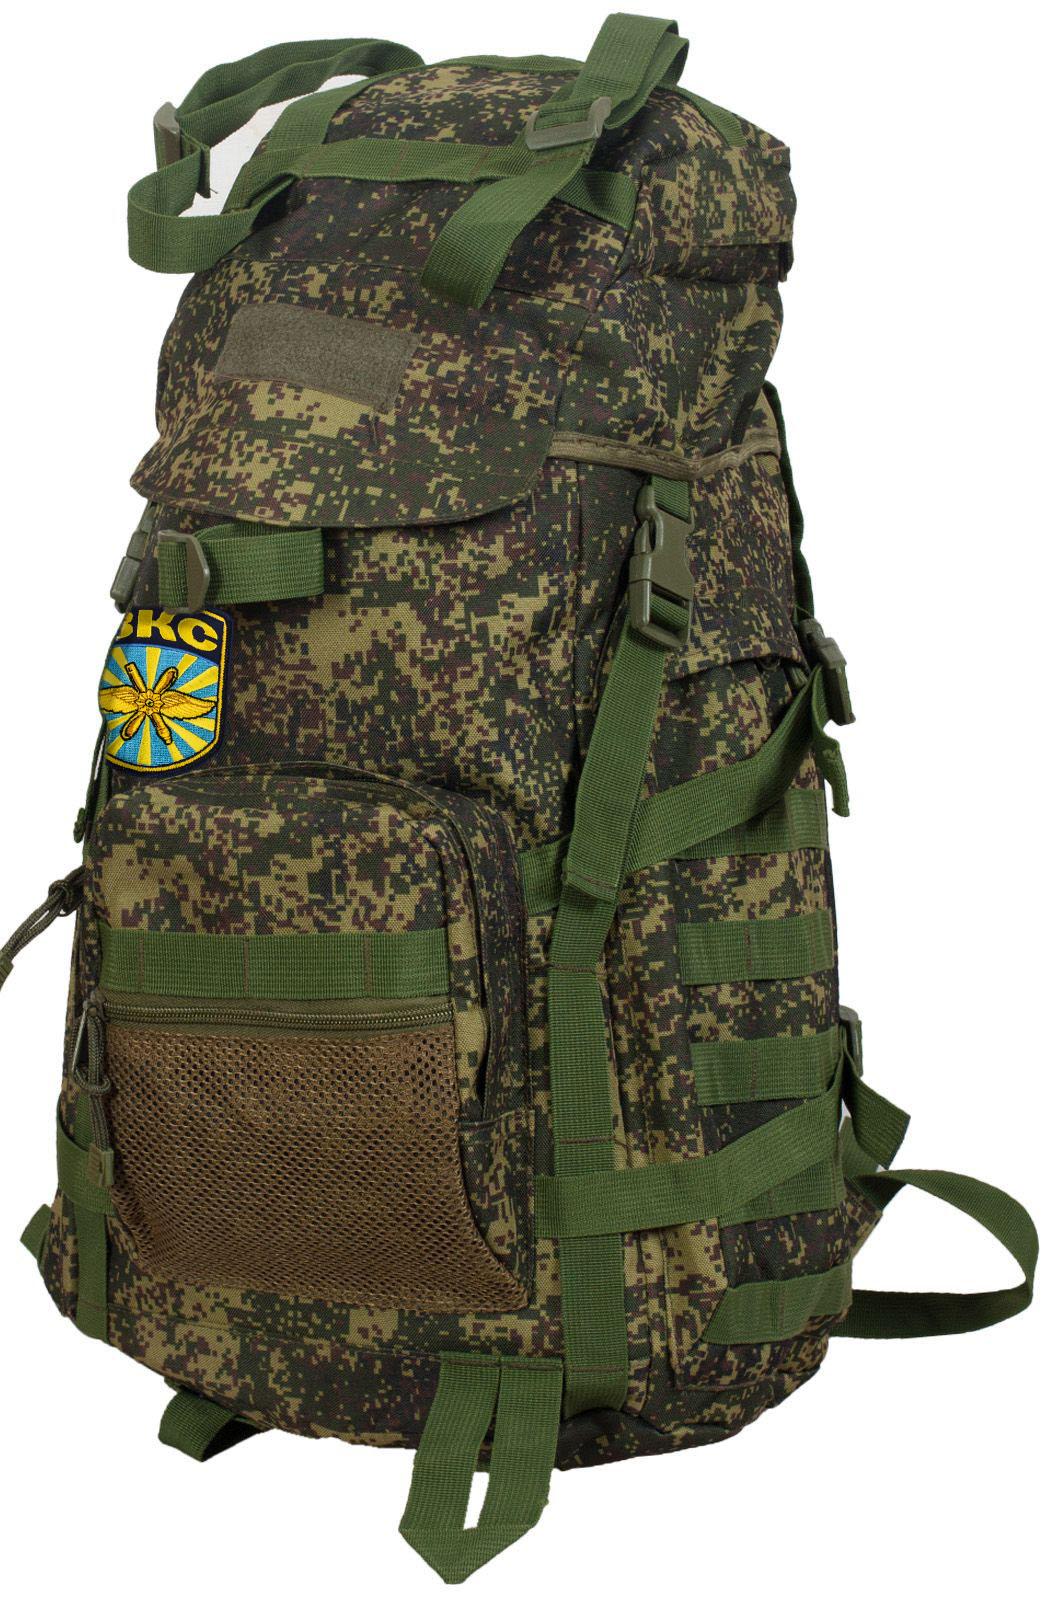 Надежный тактический рюкзак с нашивкой ВКС - купить в розницу